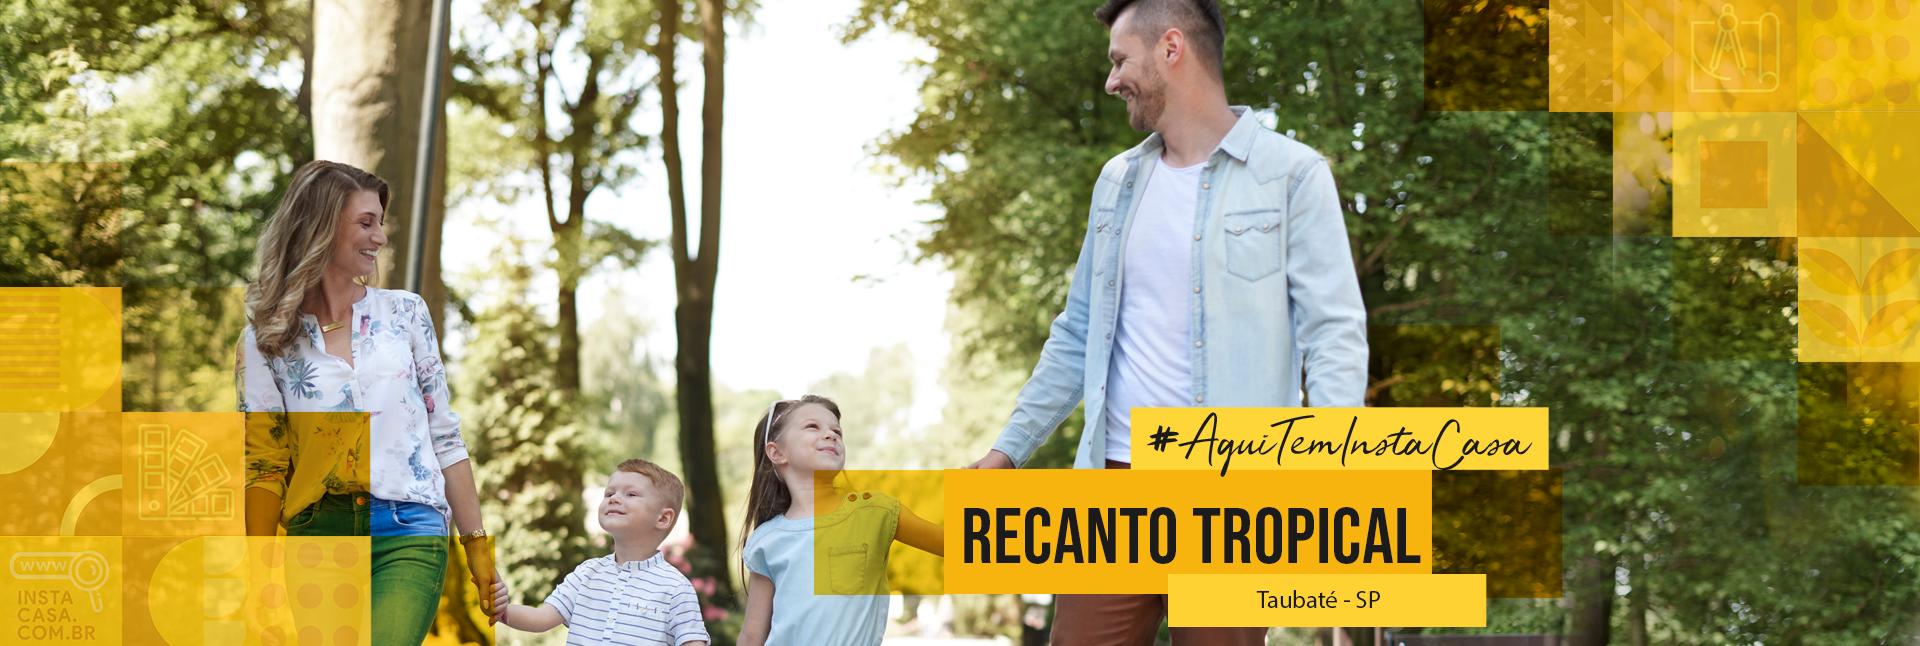 Recanto Tropical